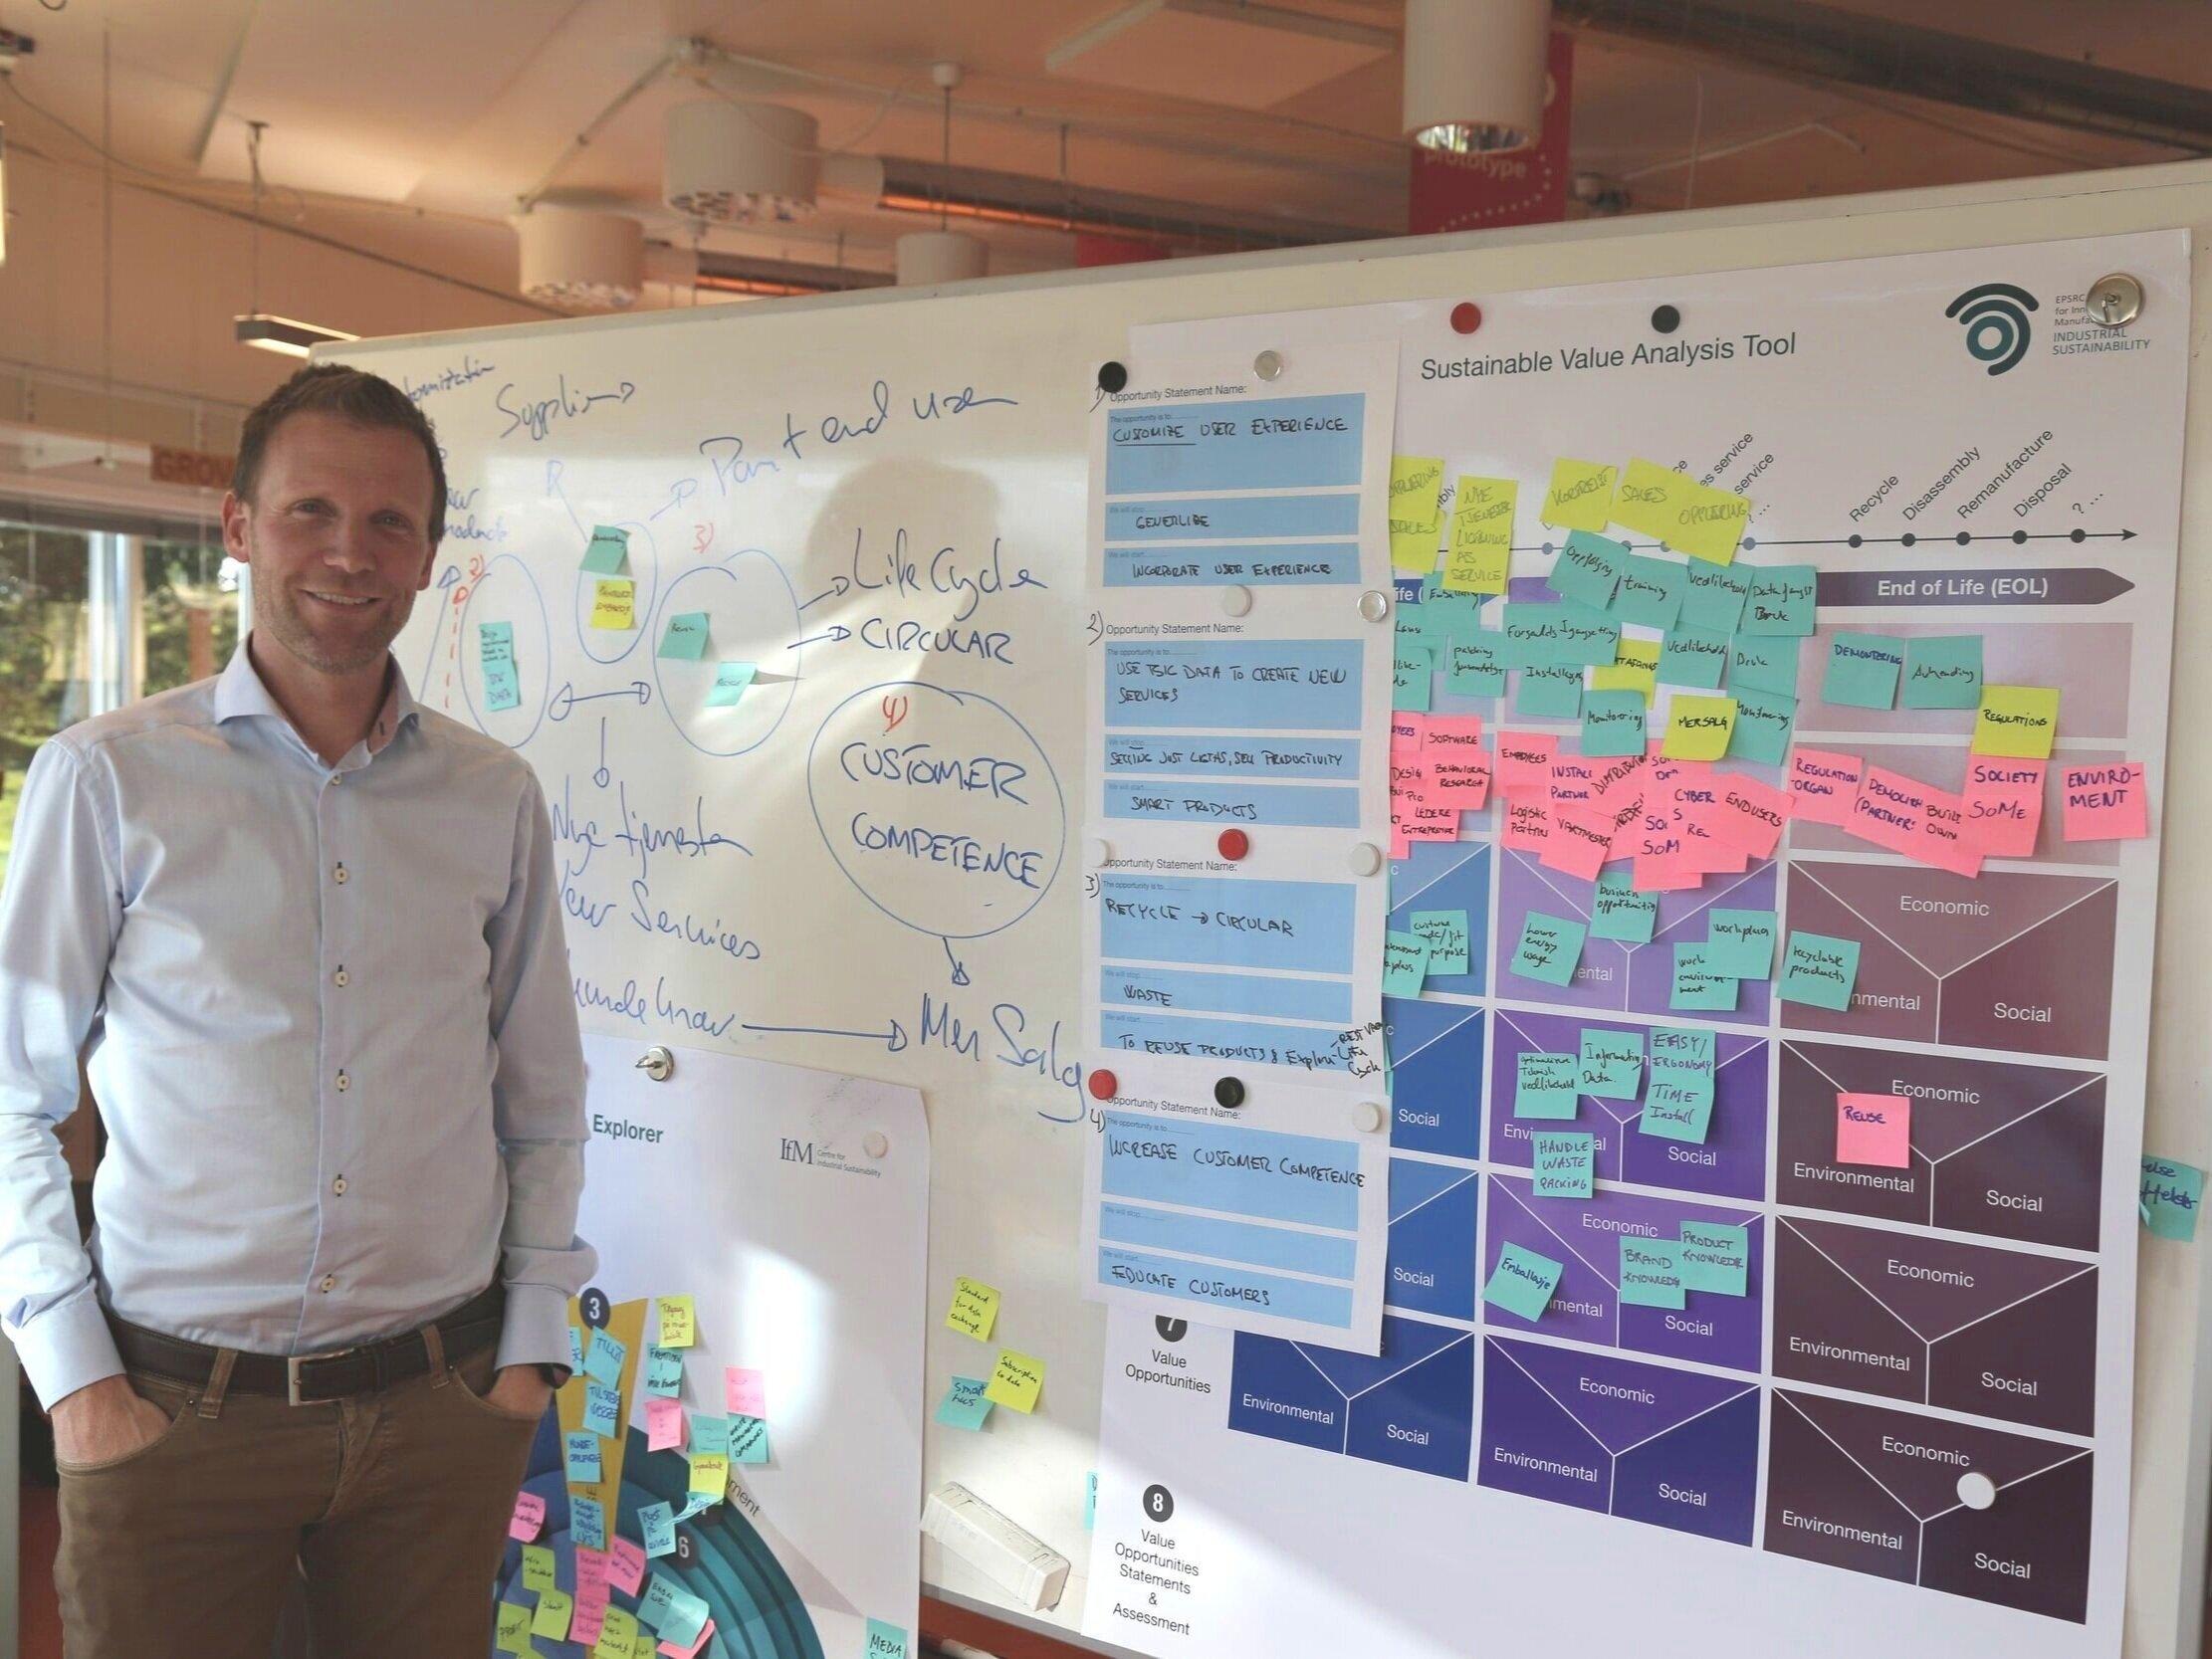 Birger Holo, fabrikksjef ved Glamox Molde foran tavla som oppsummerer to dager med fokus på bærekraftig verdiskapning.